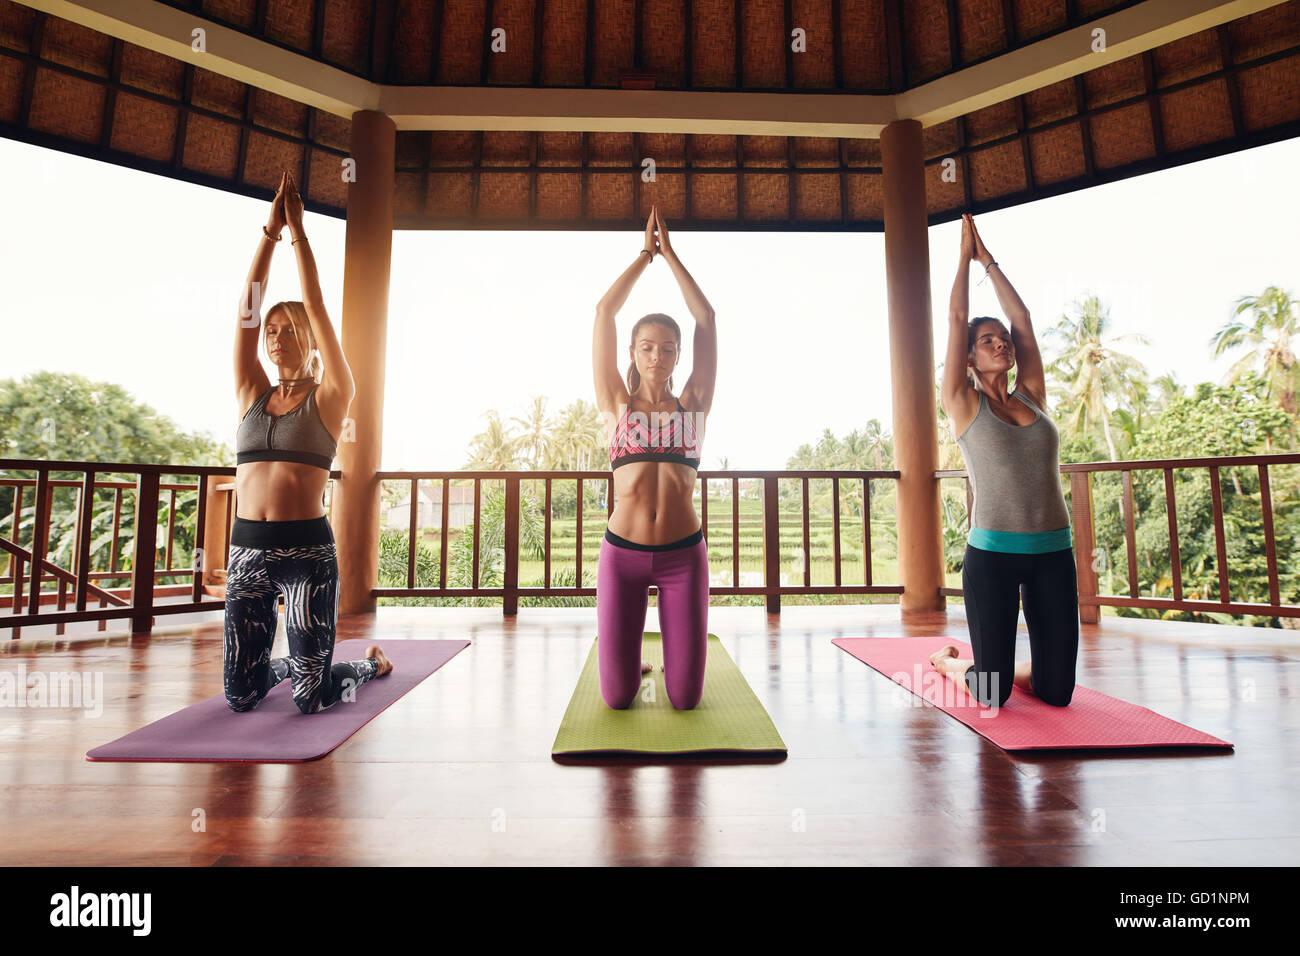 Disparo de tres jóvenes mujeres haciendo yoga en el health club. Mujeres arrodilladas en colchoneta de ejercicios Imagen De Stock